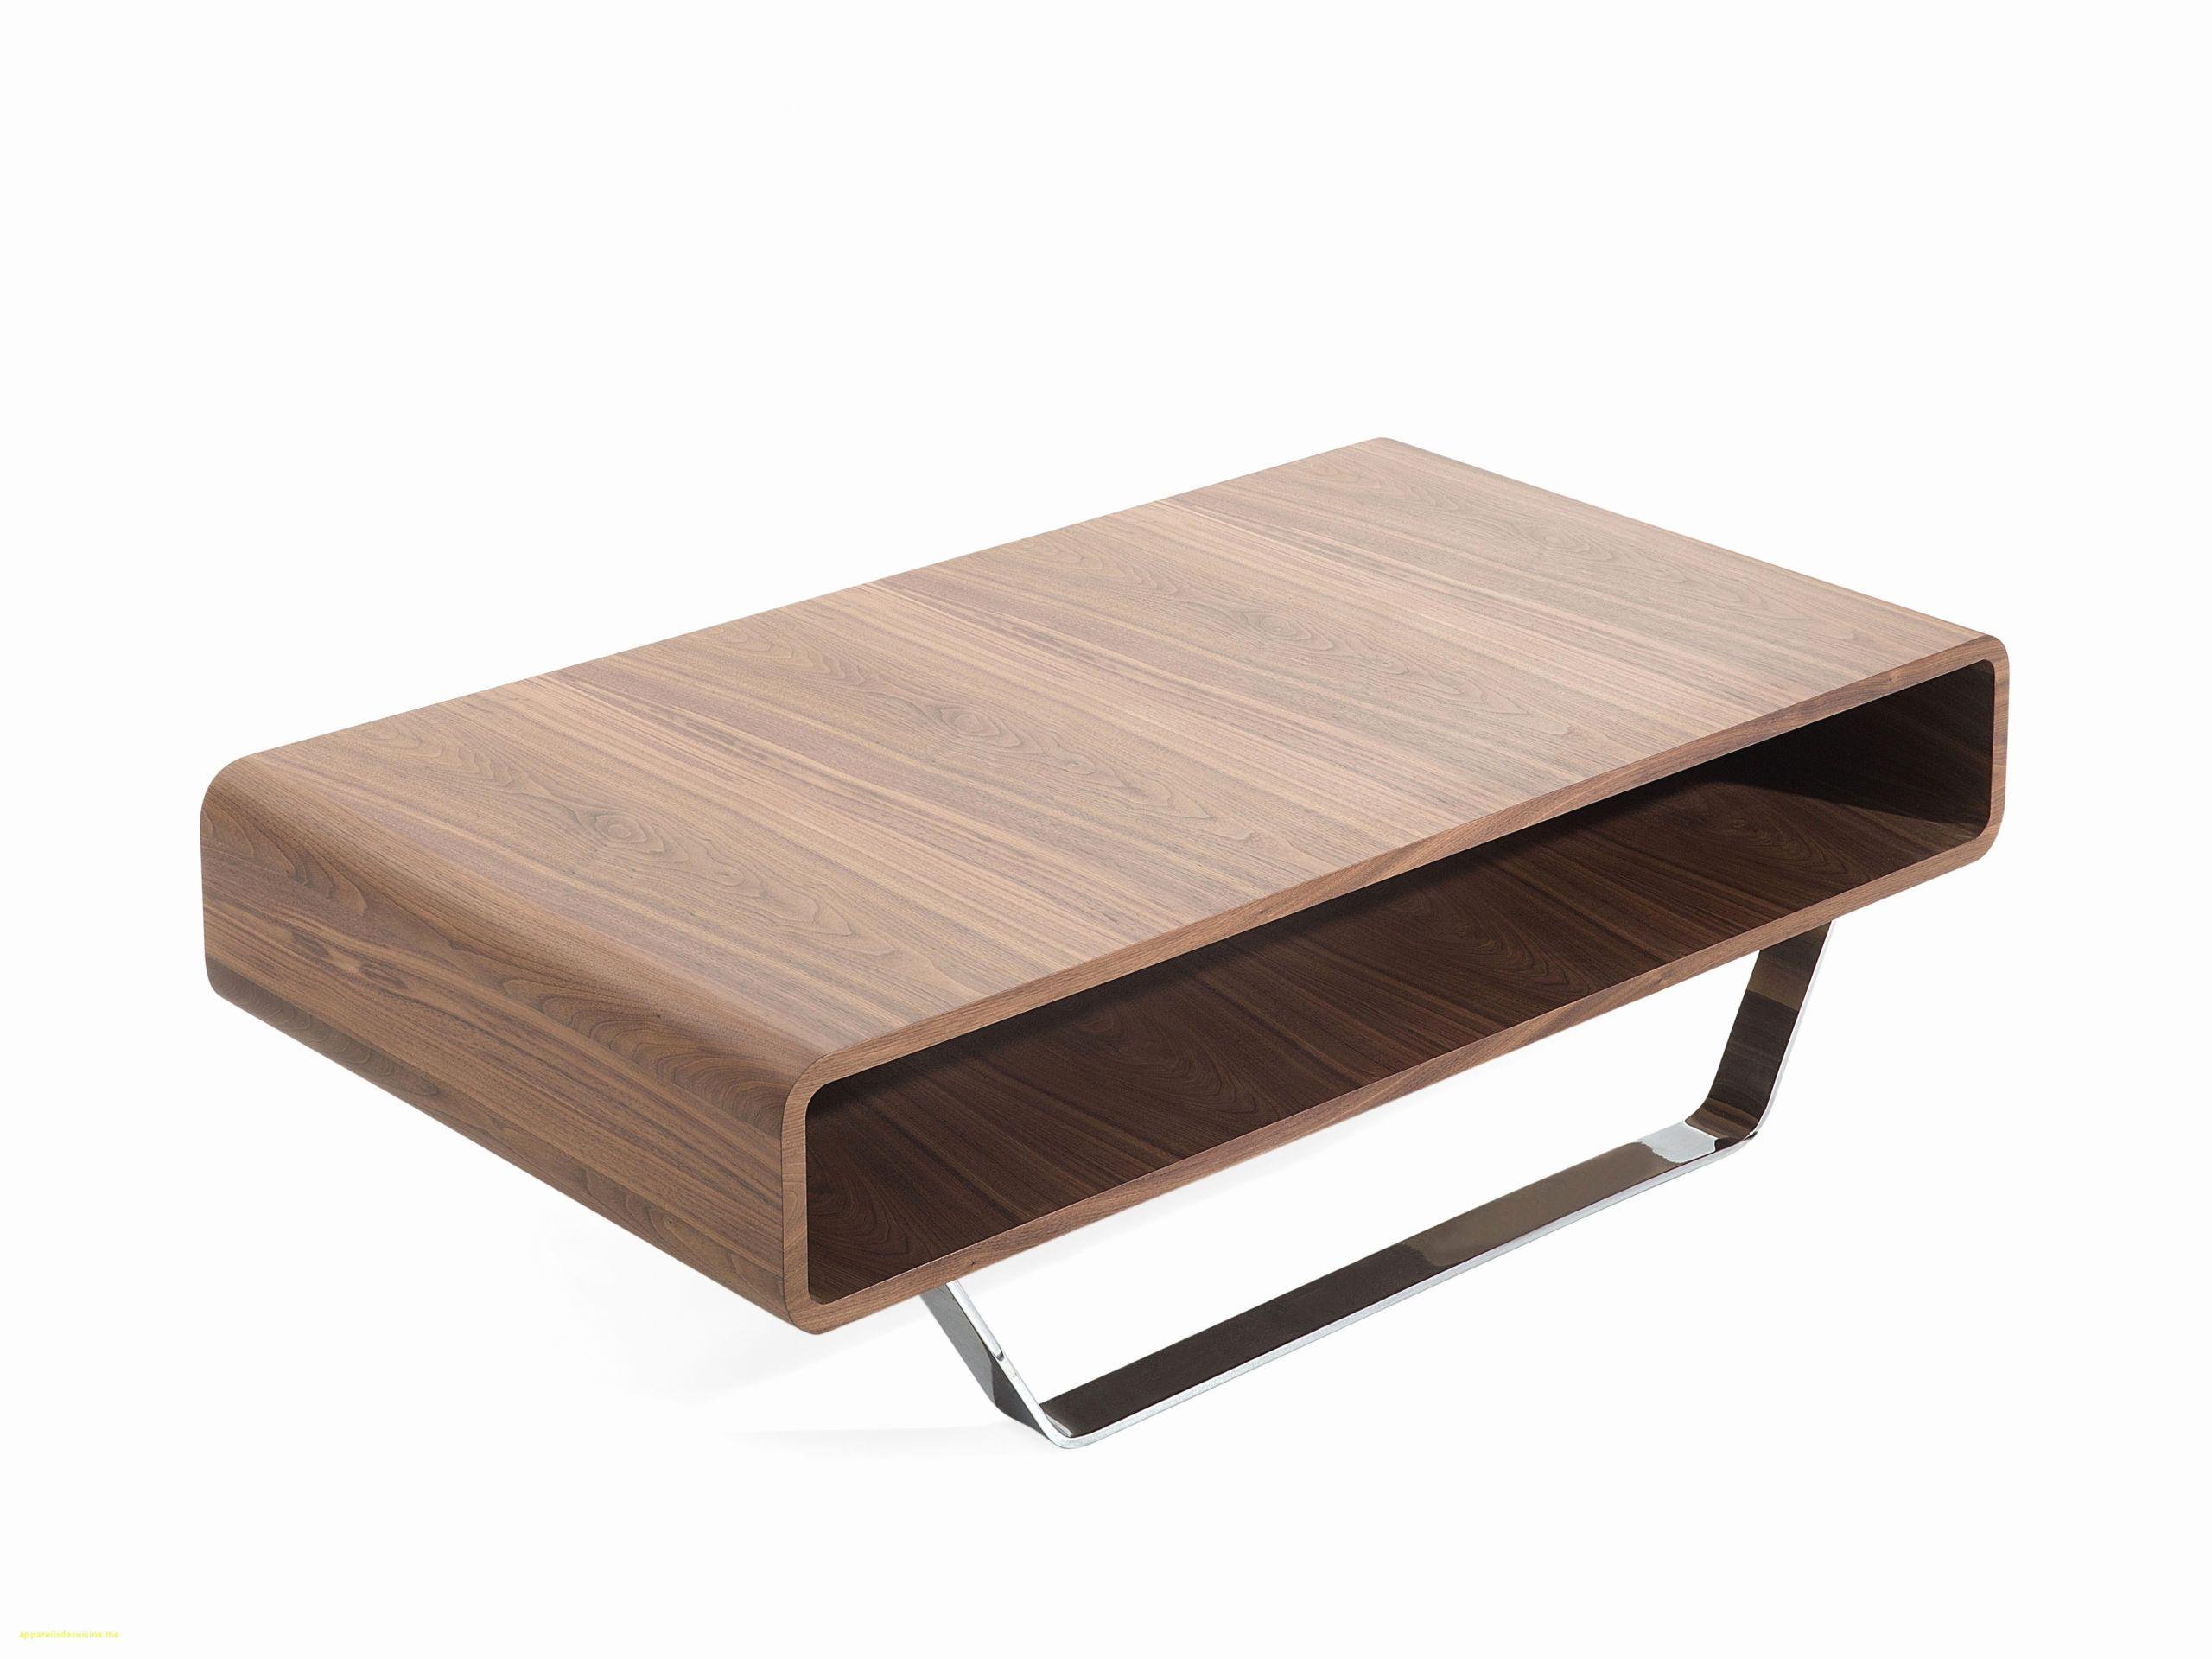 table basse industrielle gigogne photo de meuble table basse awesome chaise style industriel aix meubles 0d of table basse industrielle gigogne